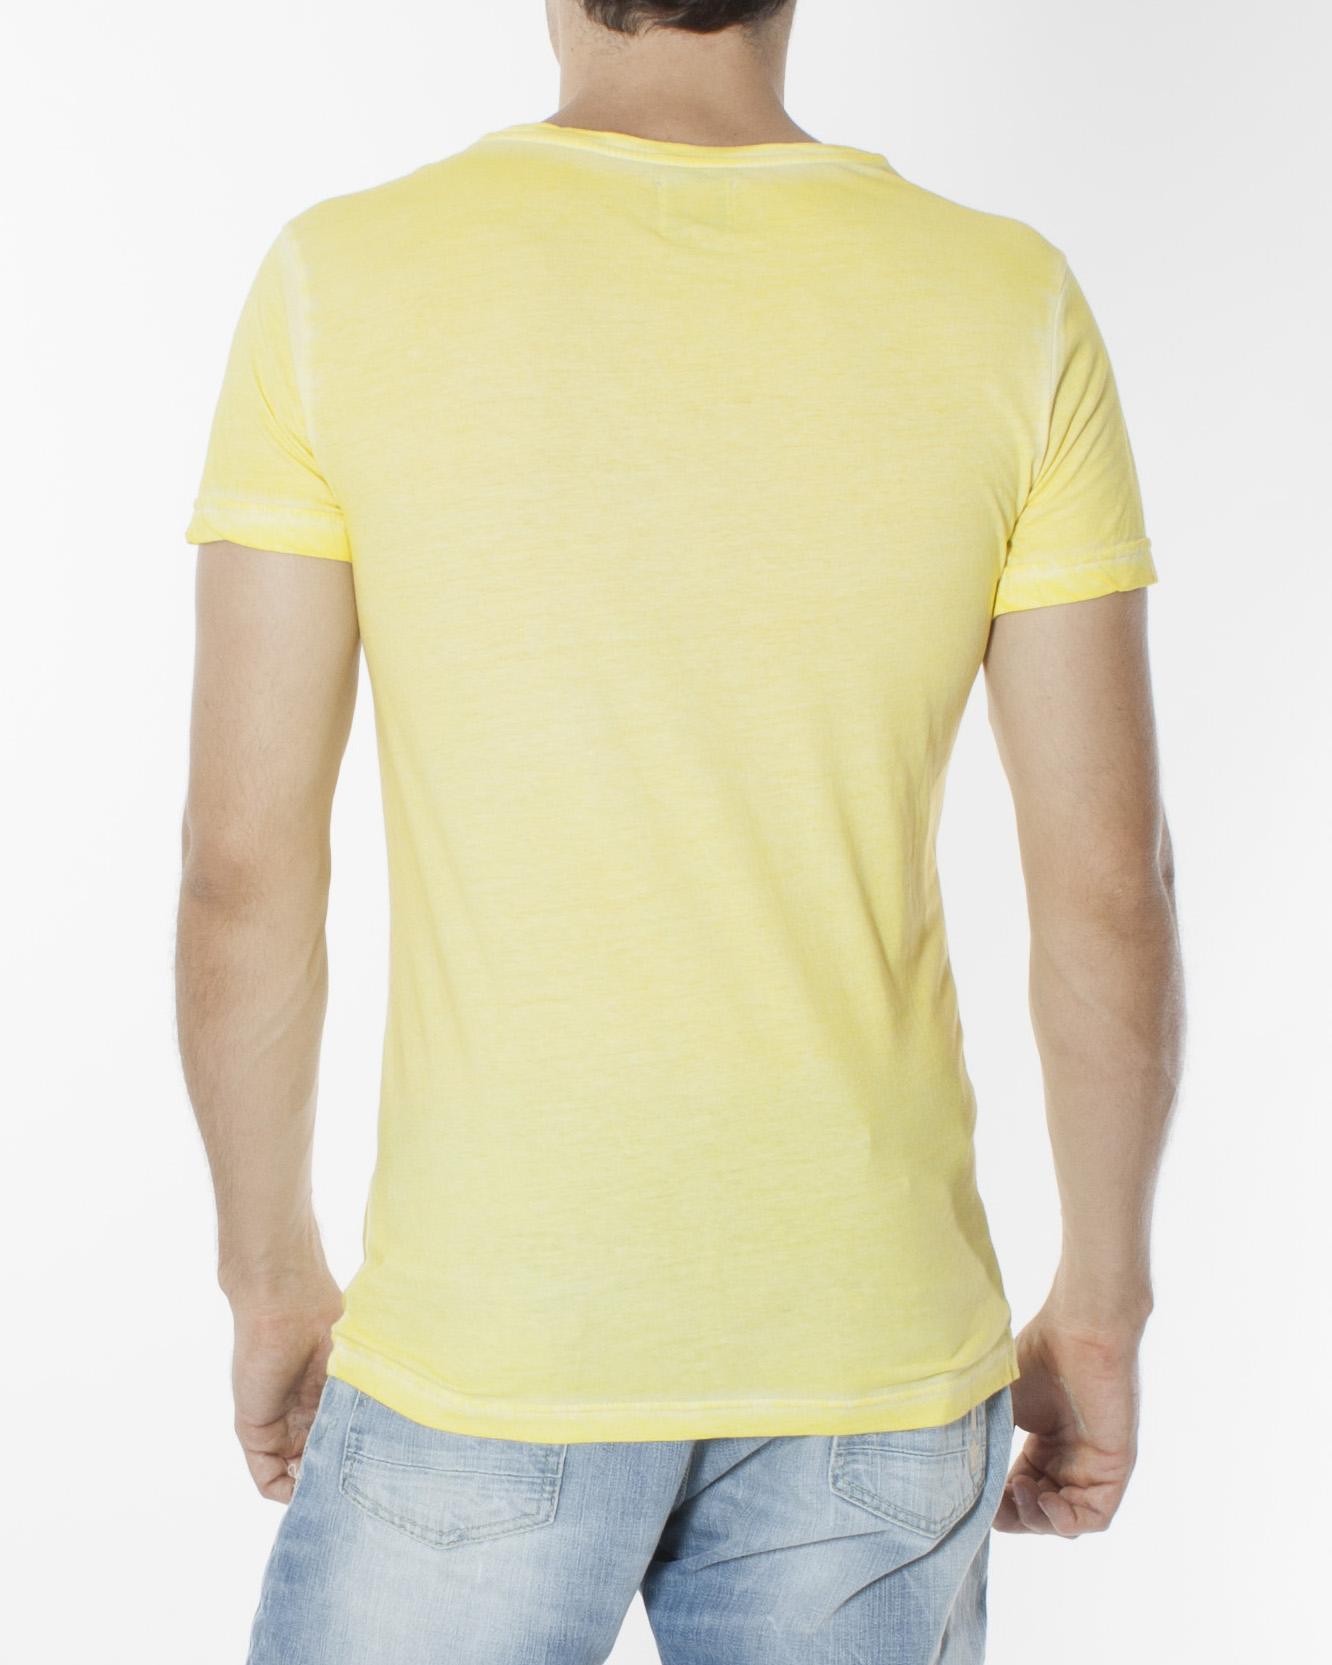 мужская футболка REIGN, сезон: лето 2012. Купить за 1300 руб. | Фото 3